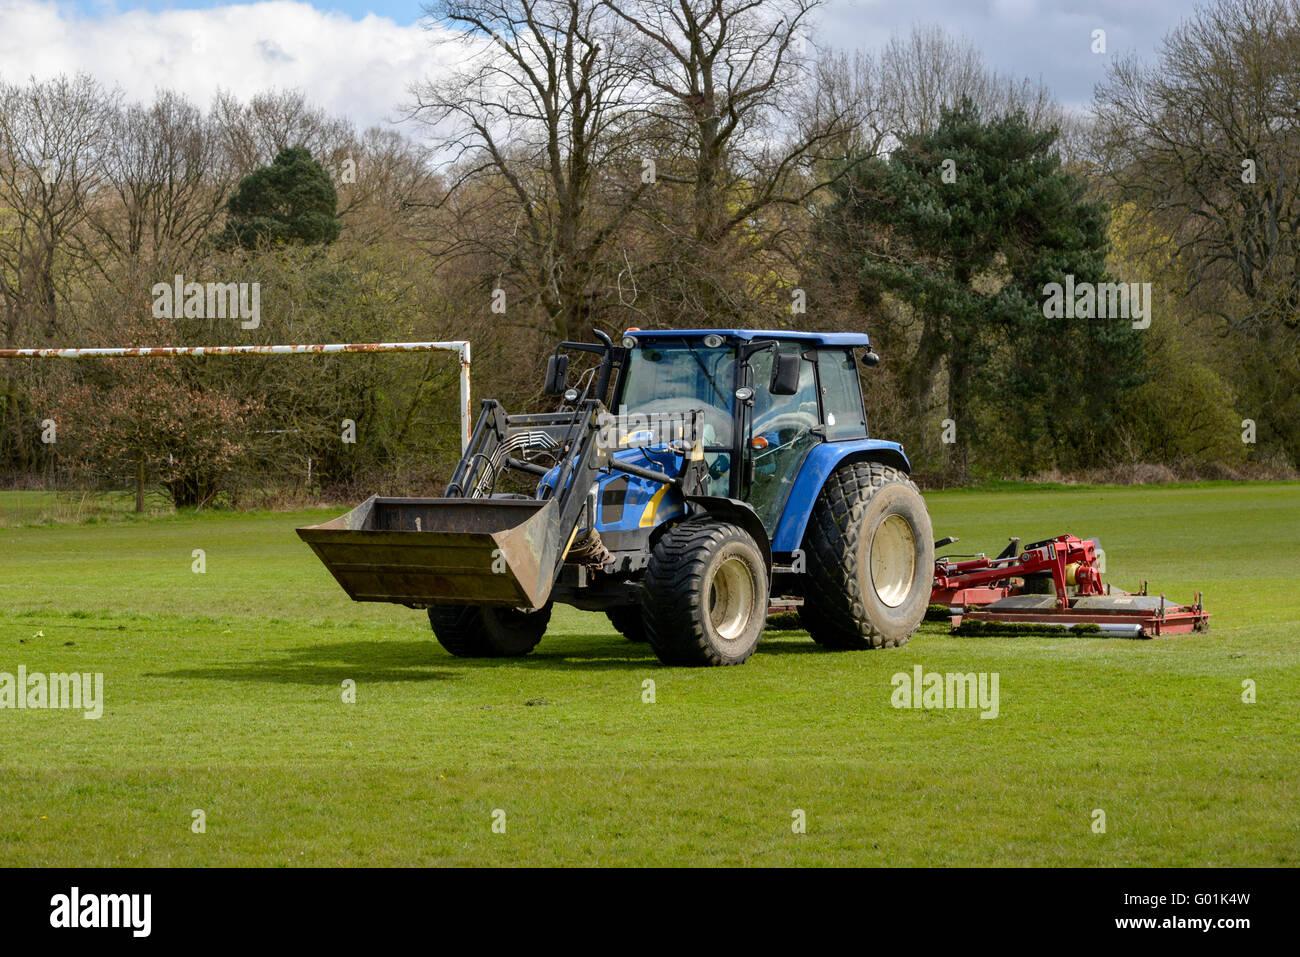 Traktor Rasenmahen Auf Einem Fussballplatz In Einem